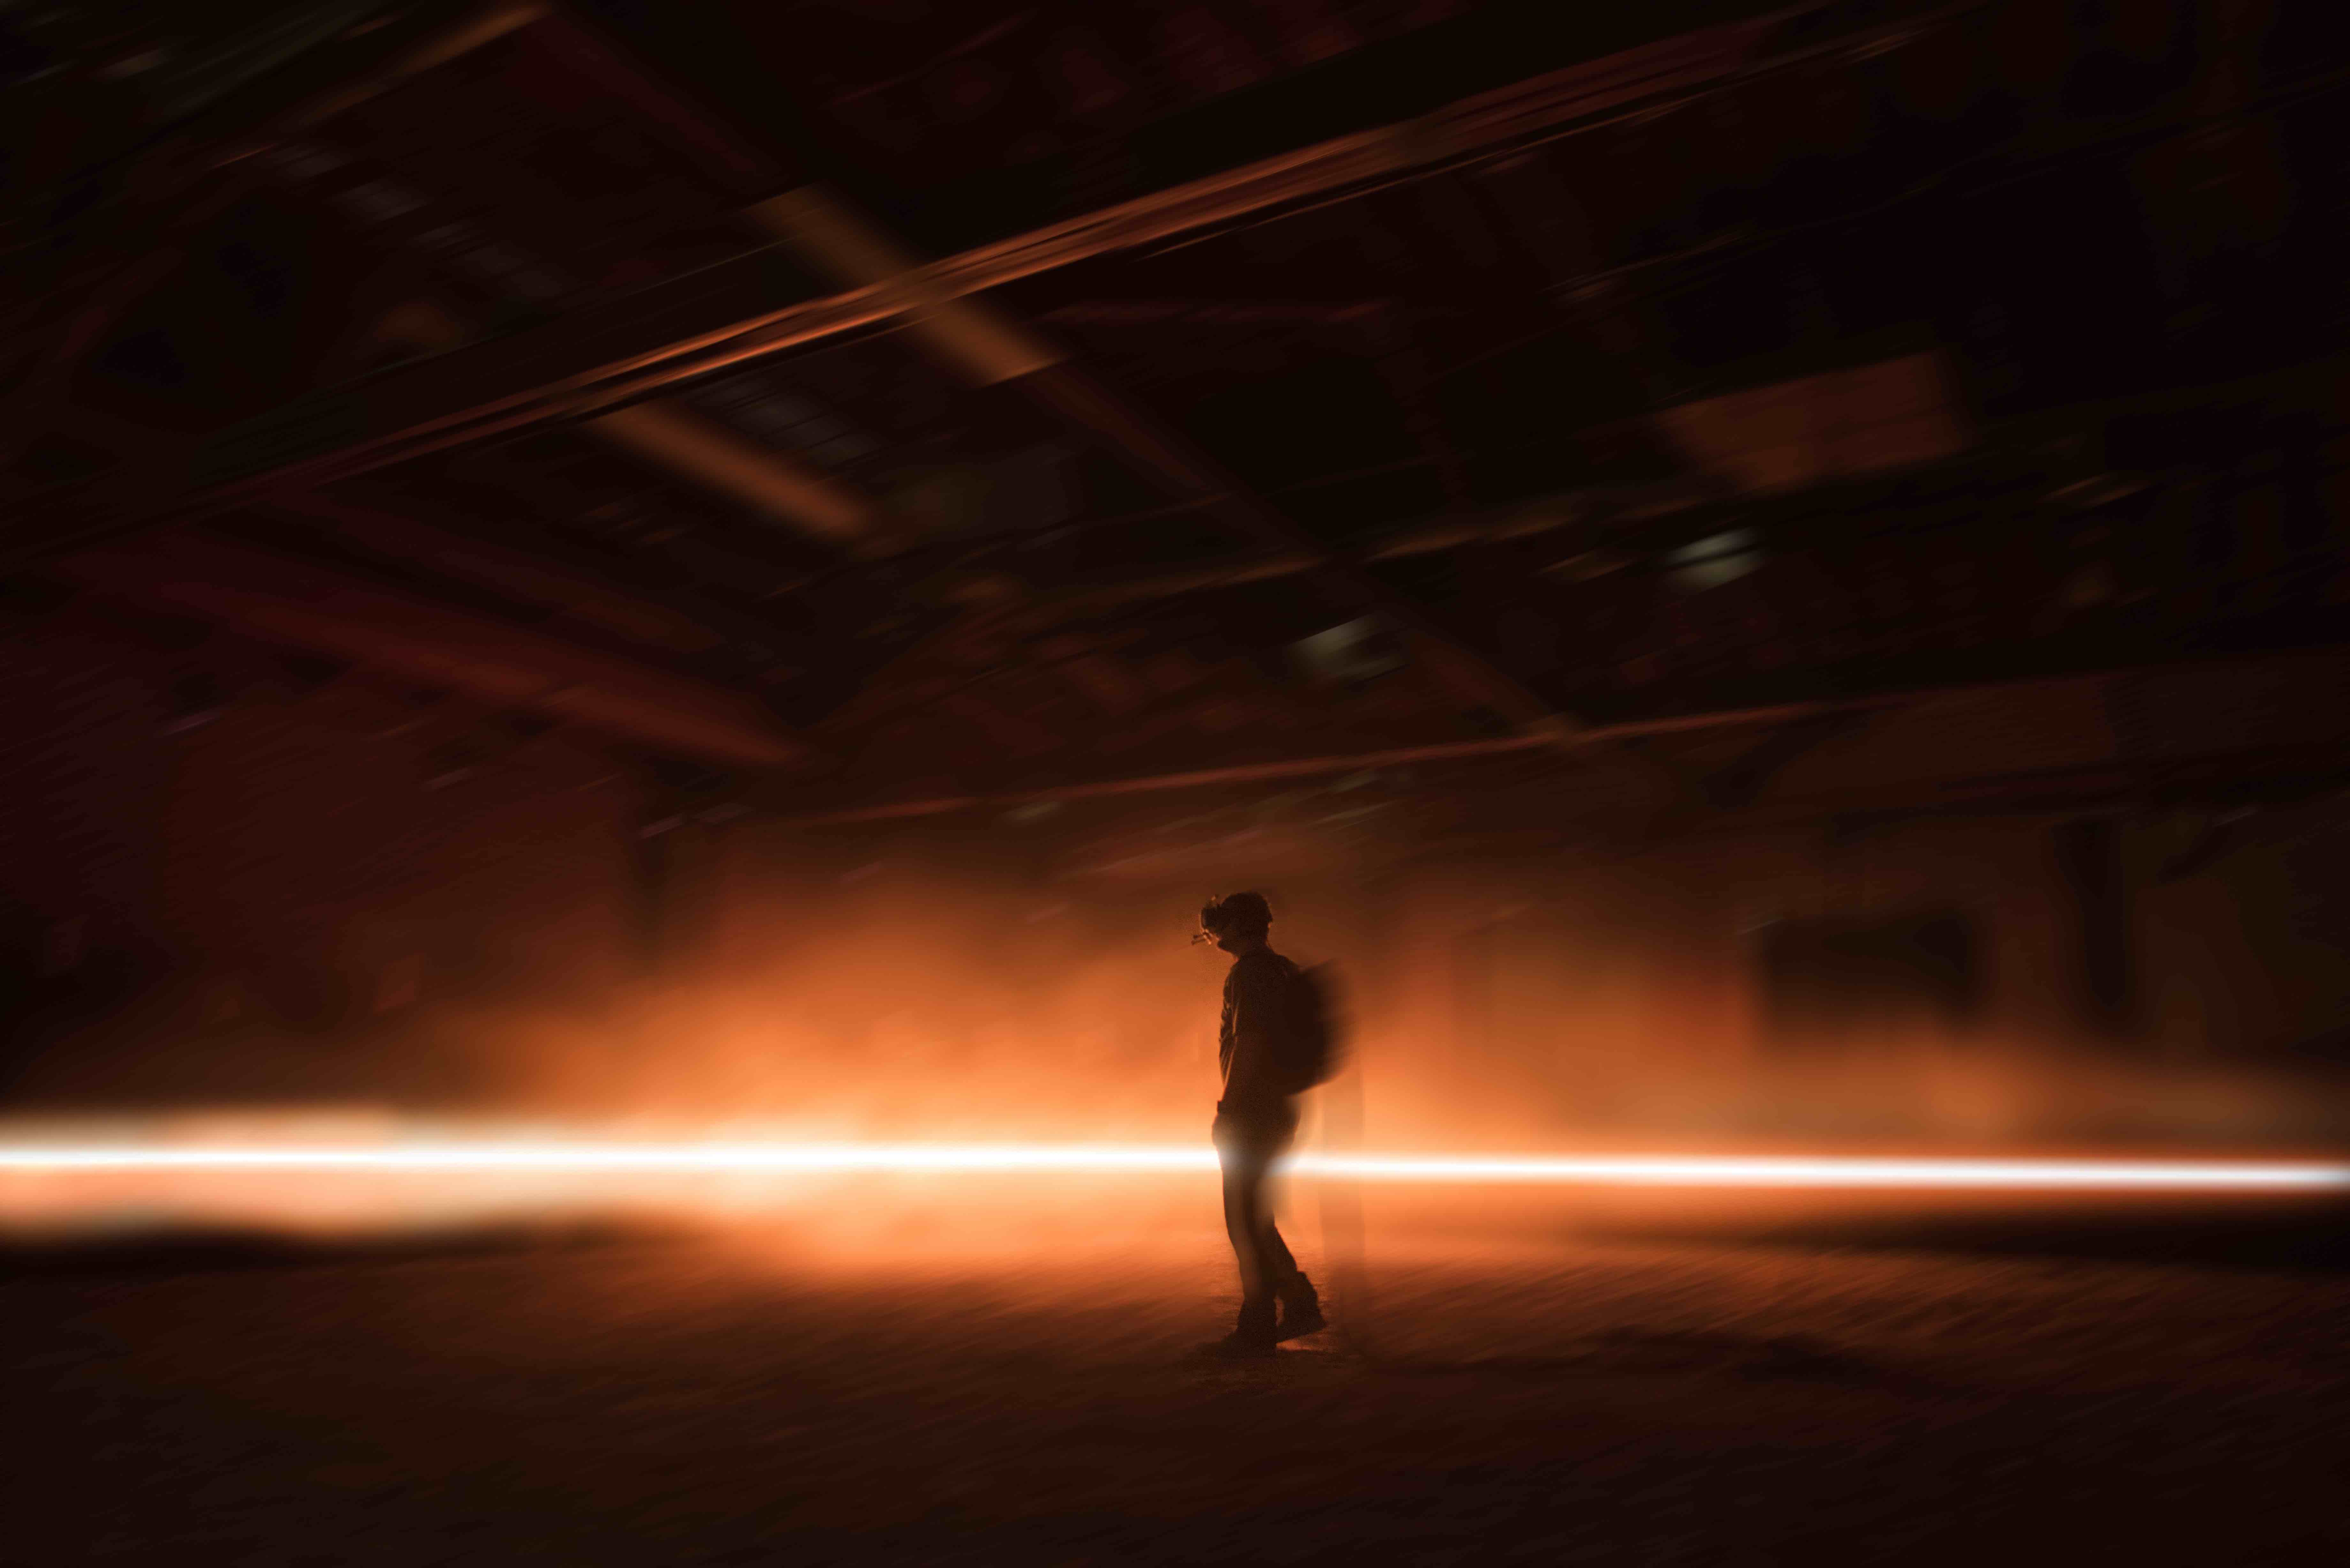 Un visiteur de la Fondation Prada faisant l'expérience de l'œuvre en réalité virtuelle d'Alejandro González Iñárritu, Carne y Arena (2017).